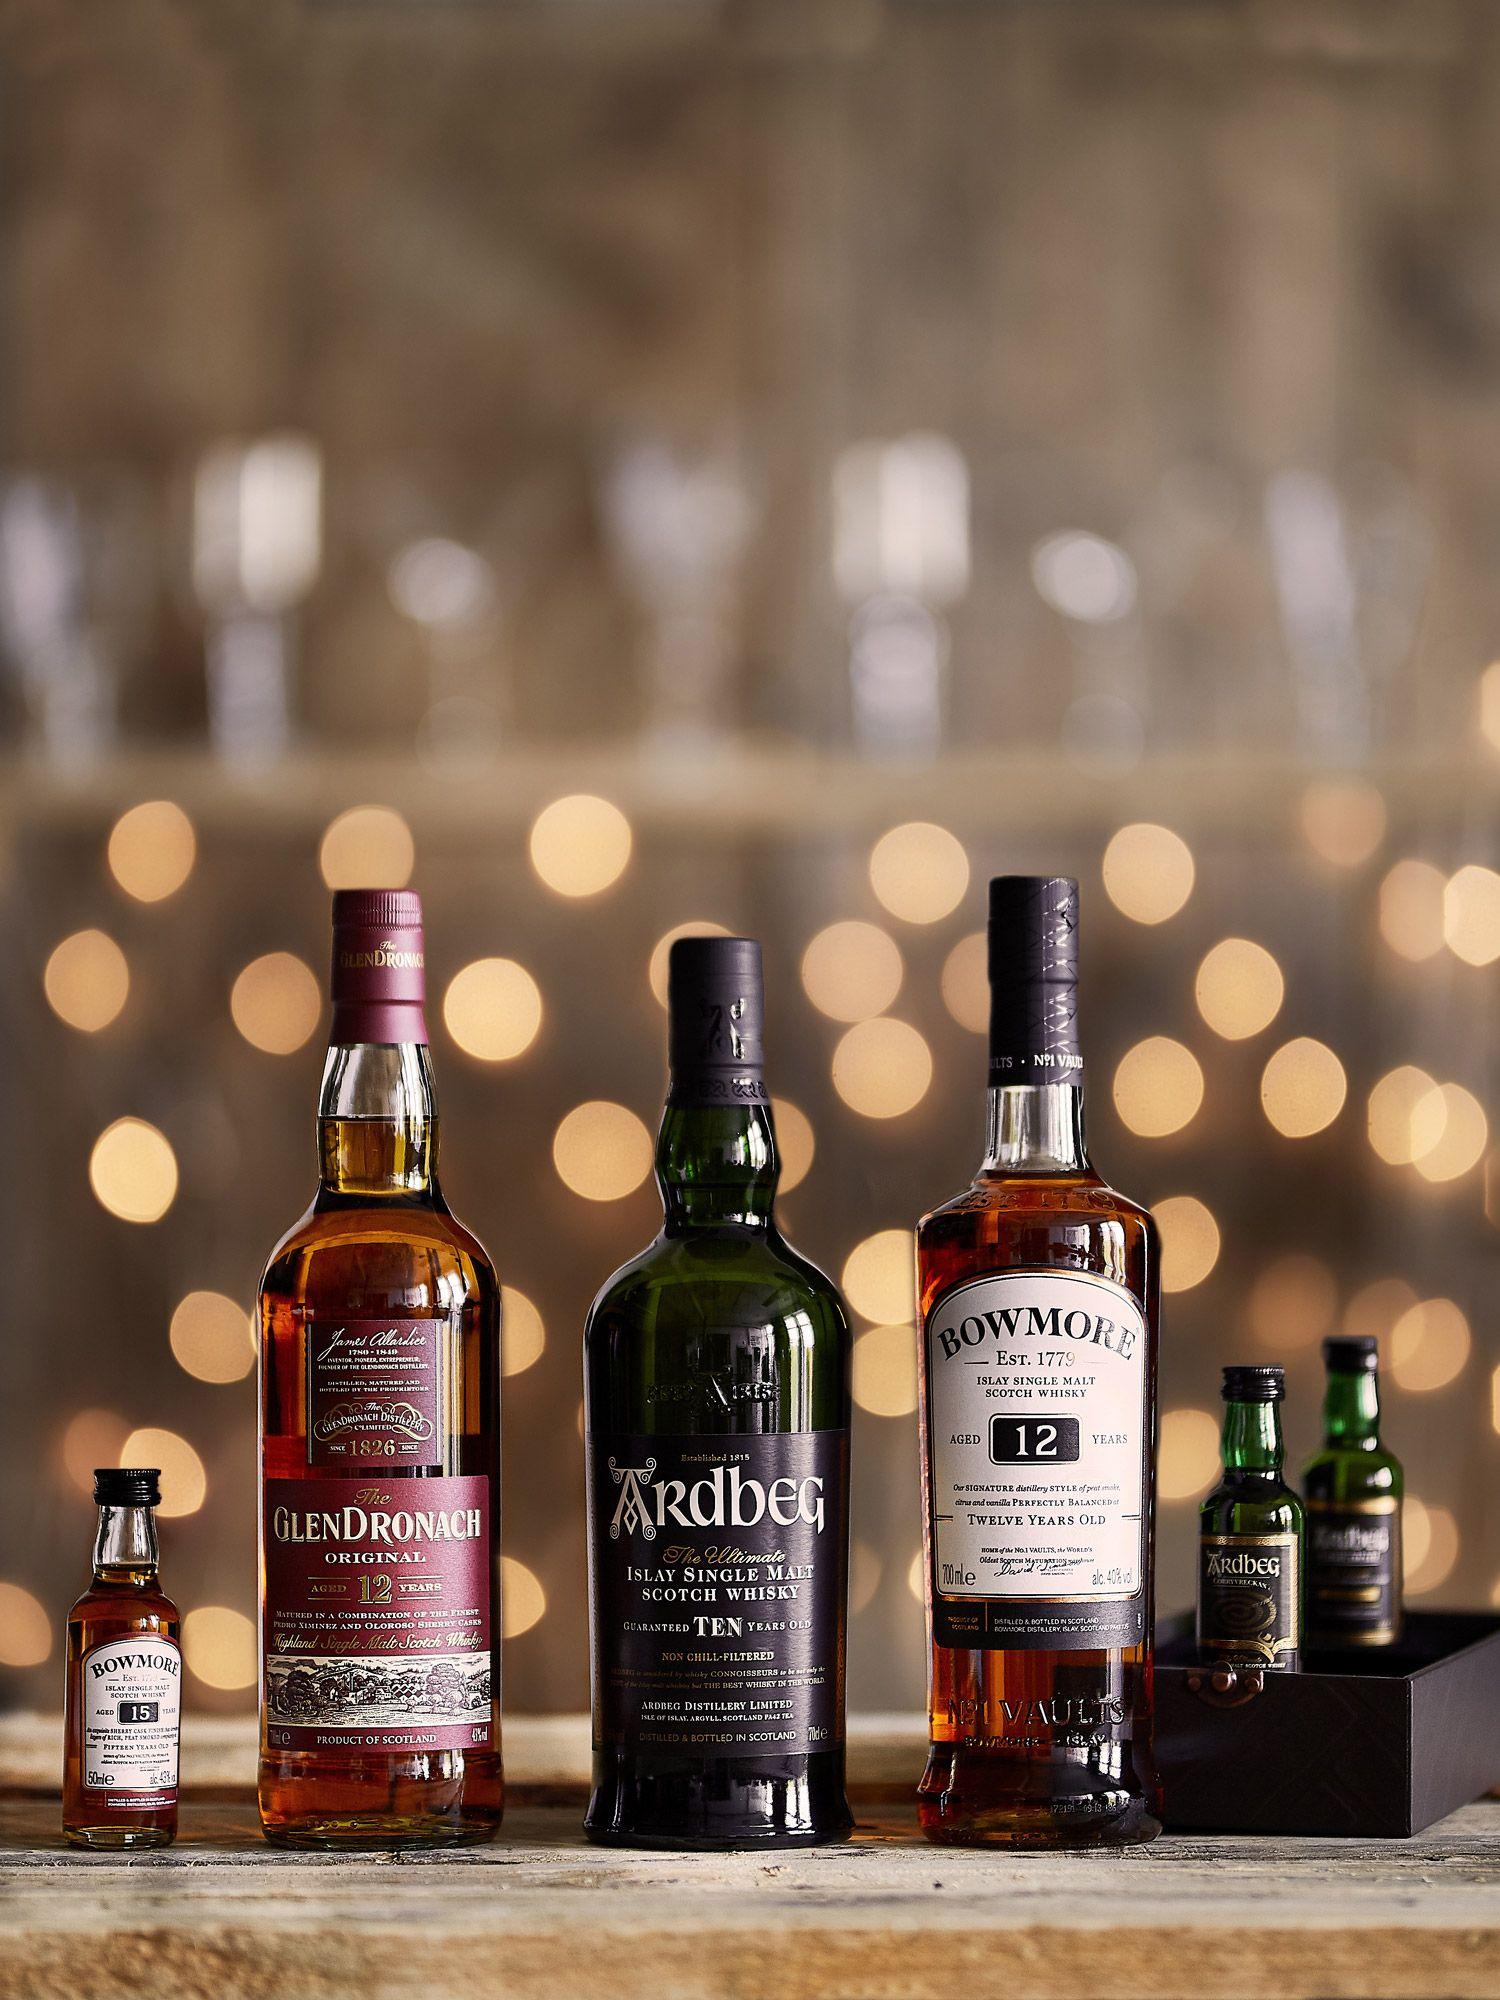 Zeit deine Hausbar aufzufüllen, mit zahlreichen neuen Whisky Sorten ...